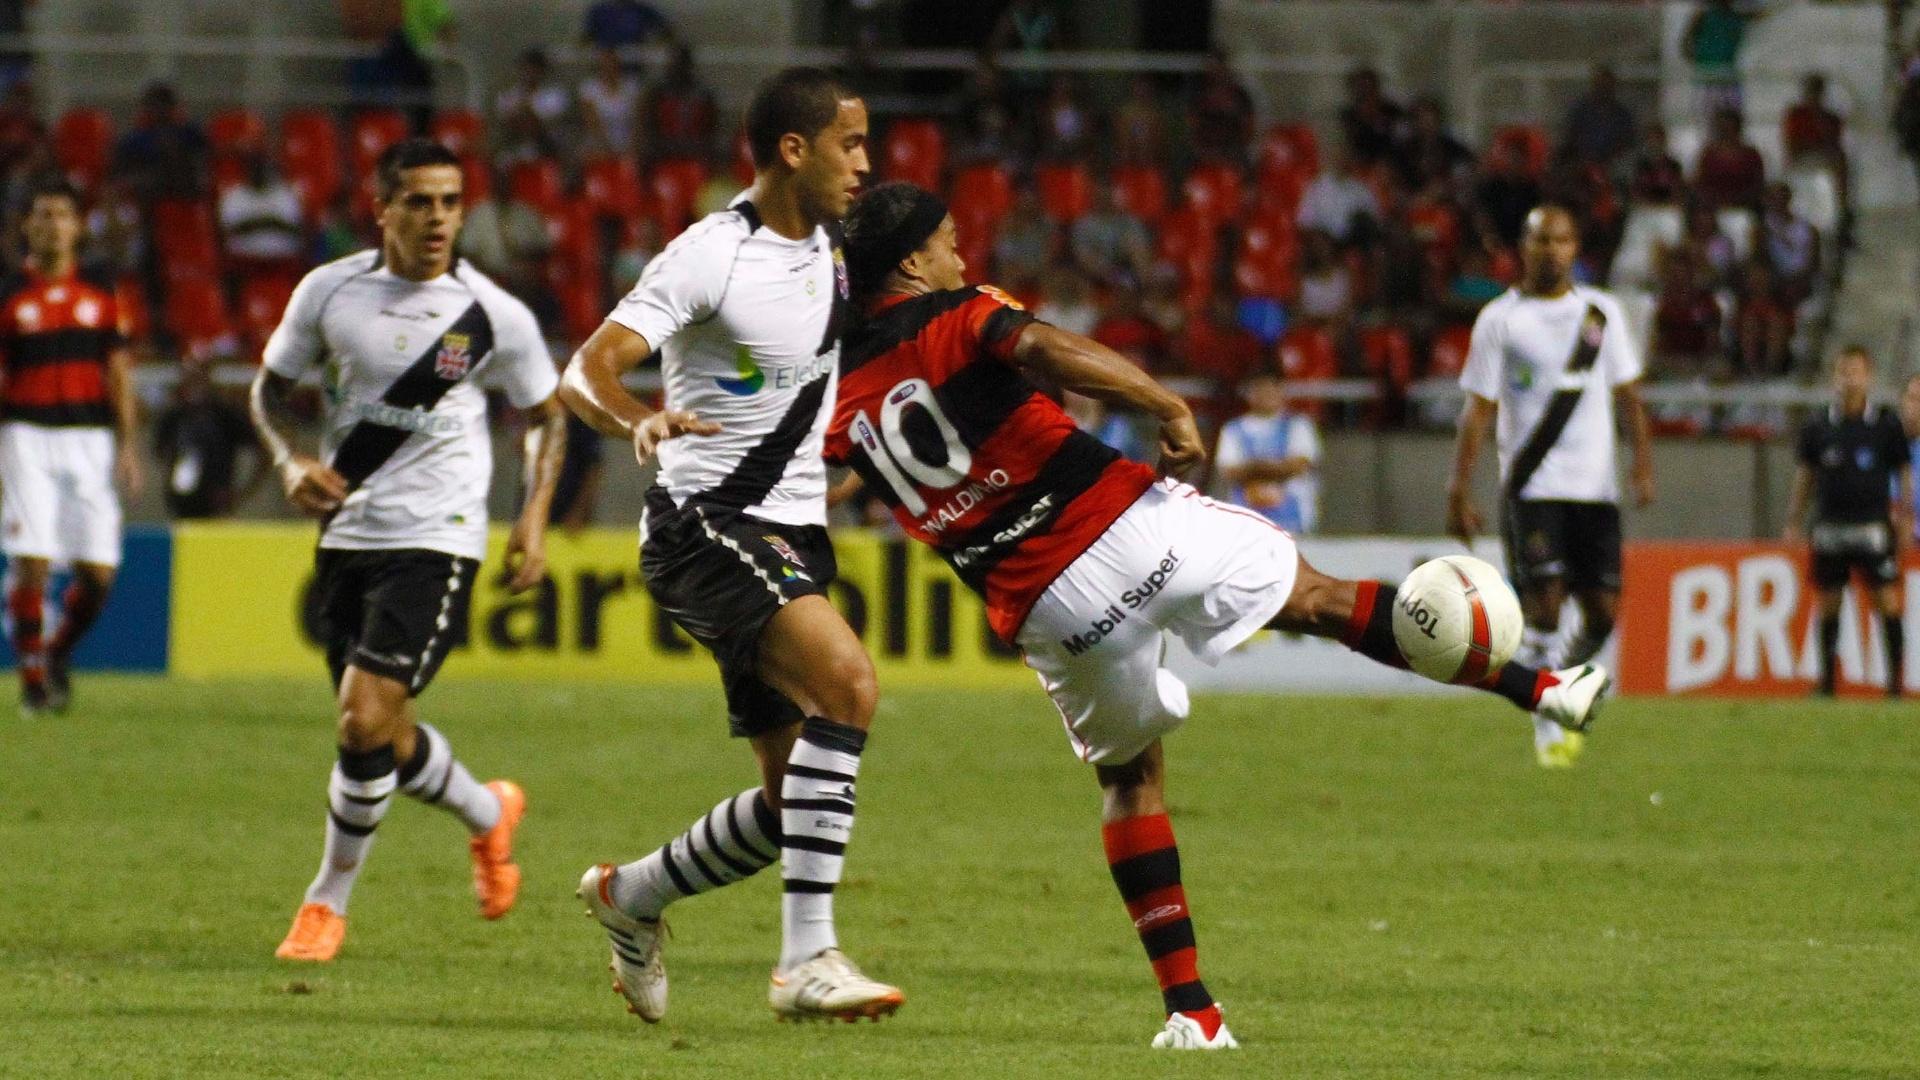 Meia-atacante Ronaldinho Gaúcho tenta passe de calcanhar durante o clássico entre Flamengo e Vasco, pelo Campeonato Carioca, no estádio do Engenhão